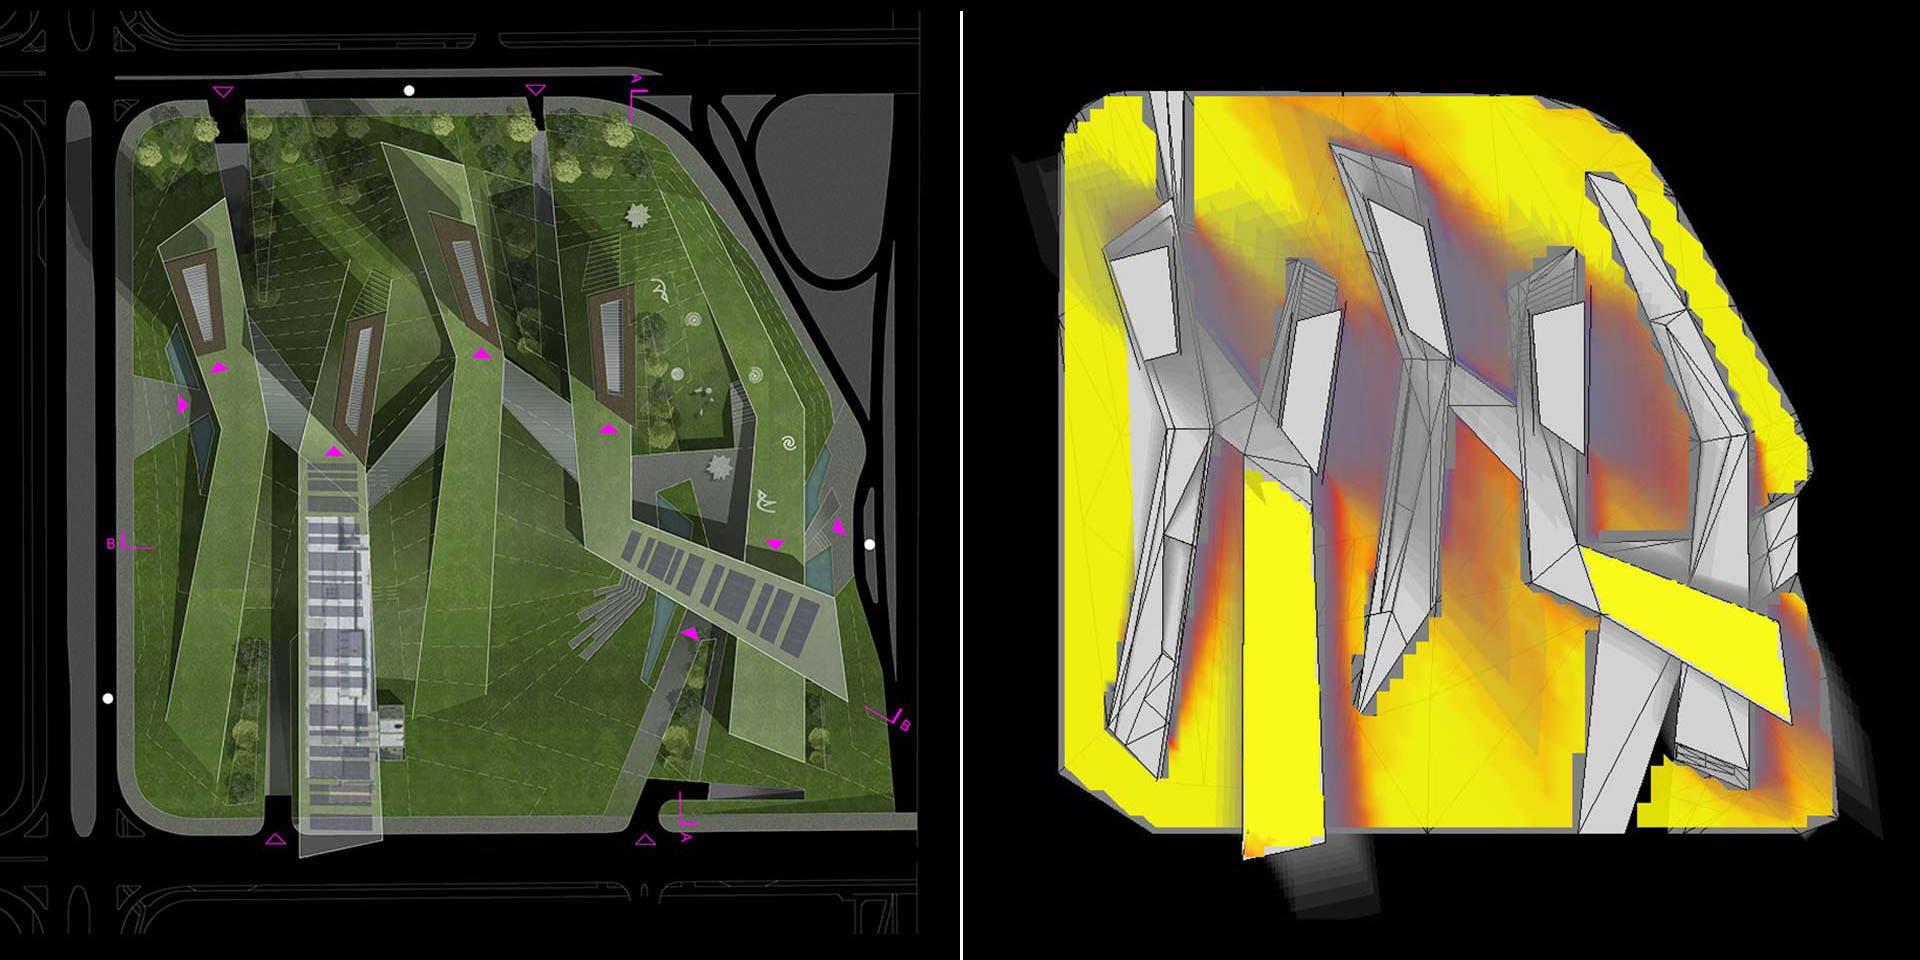 archinow_BEL_-science-centre-belgrado_09